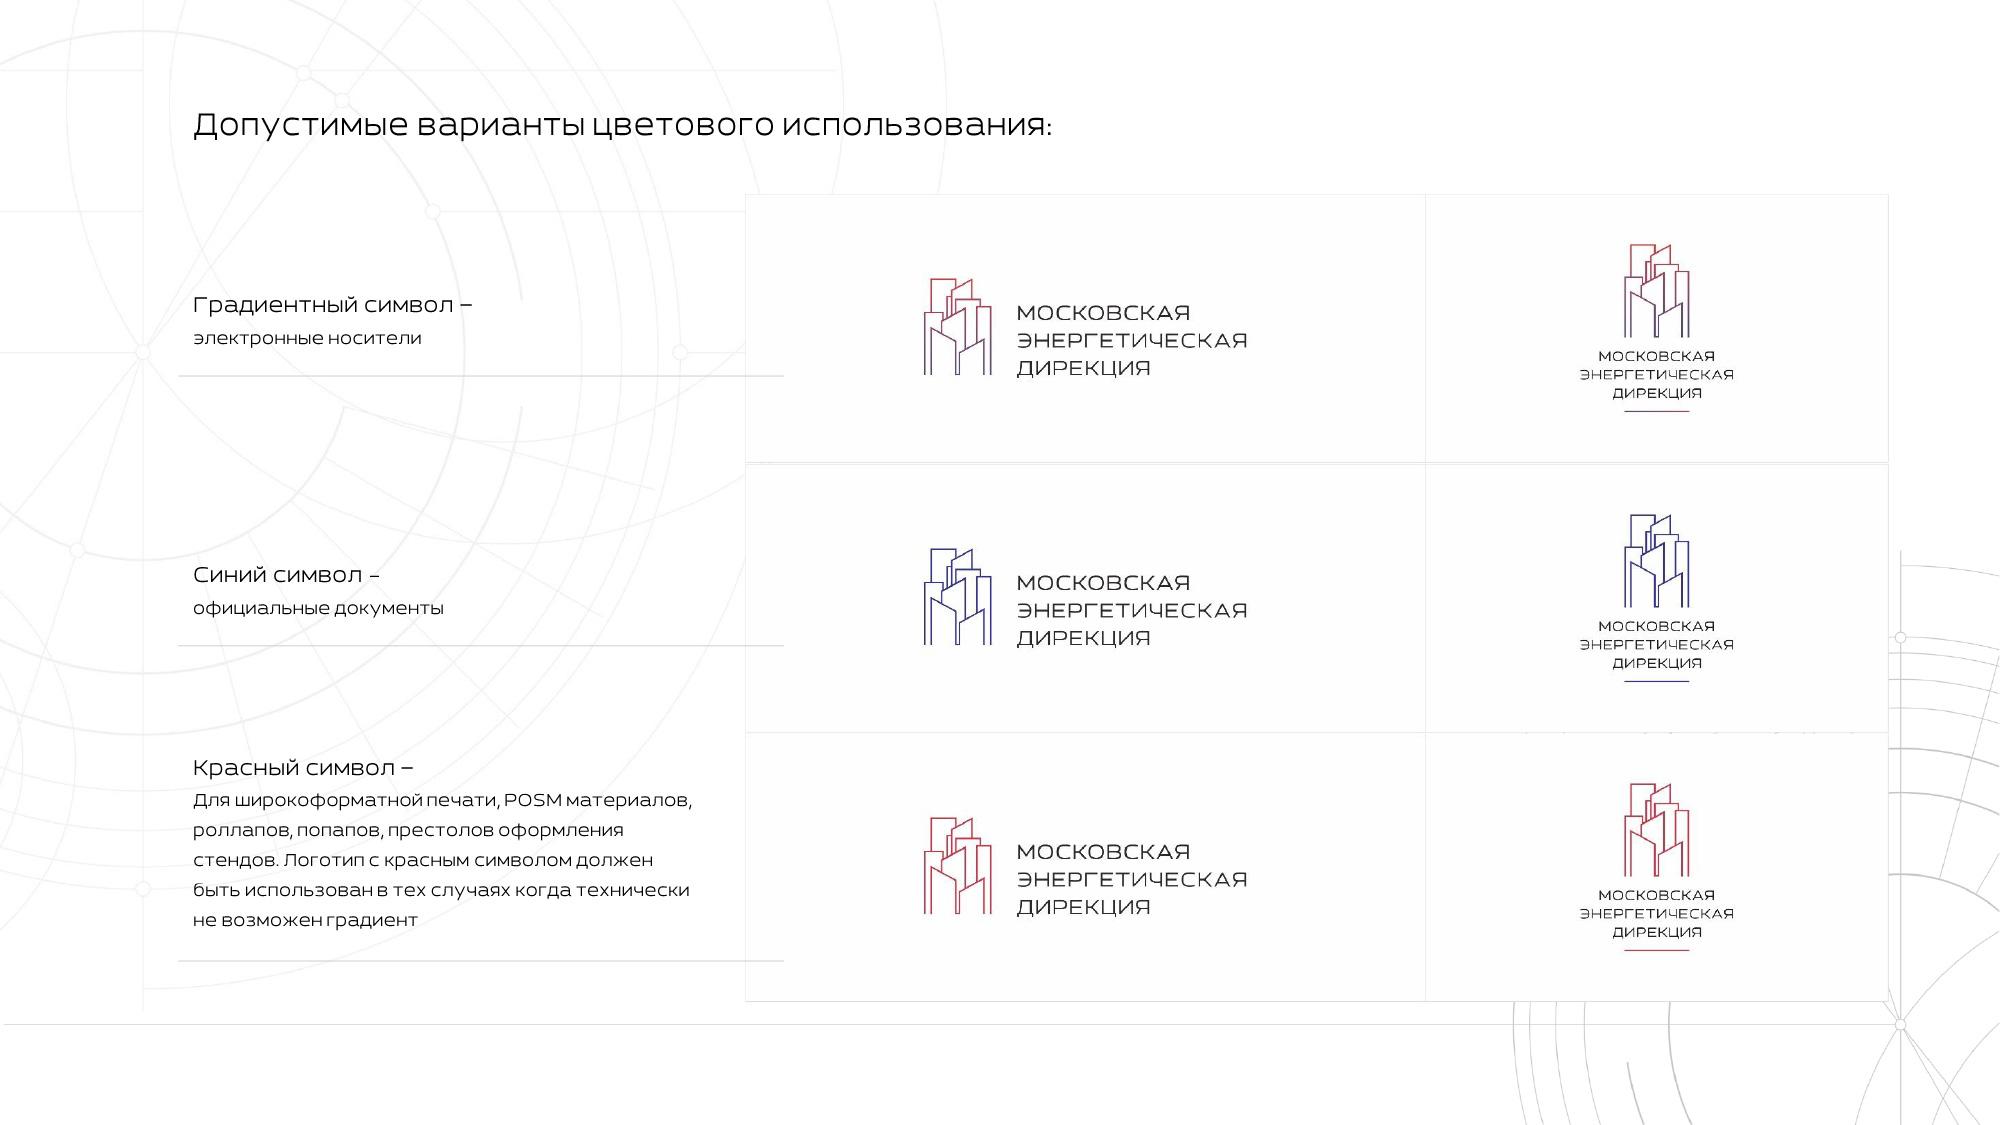 Логобук Московская Энергетическая Дирекция